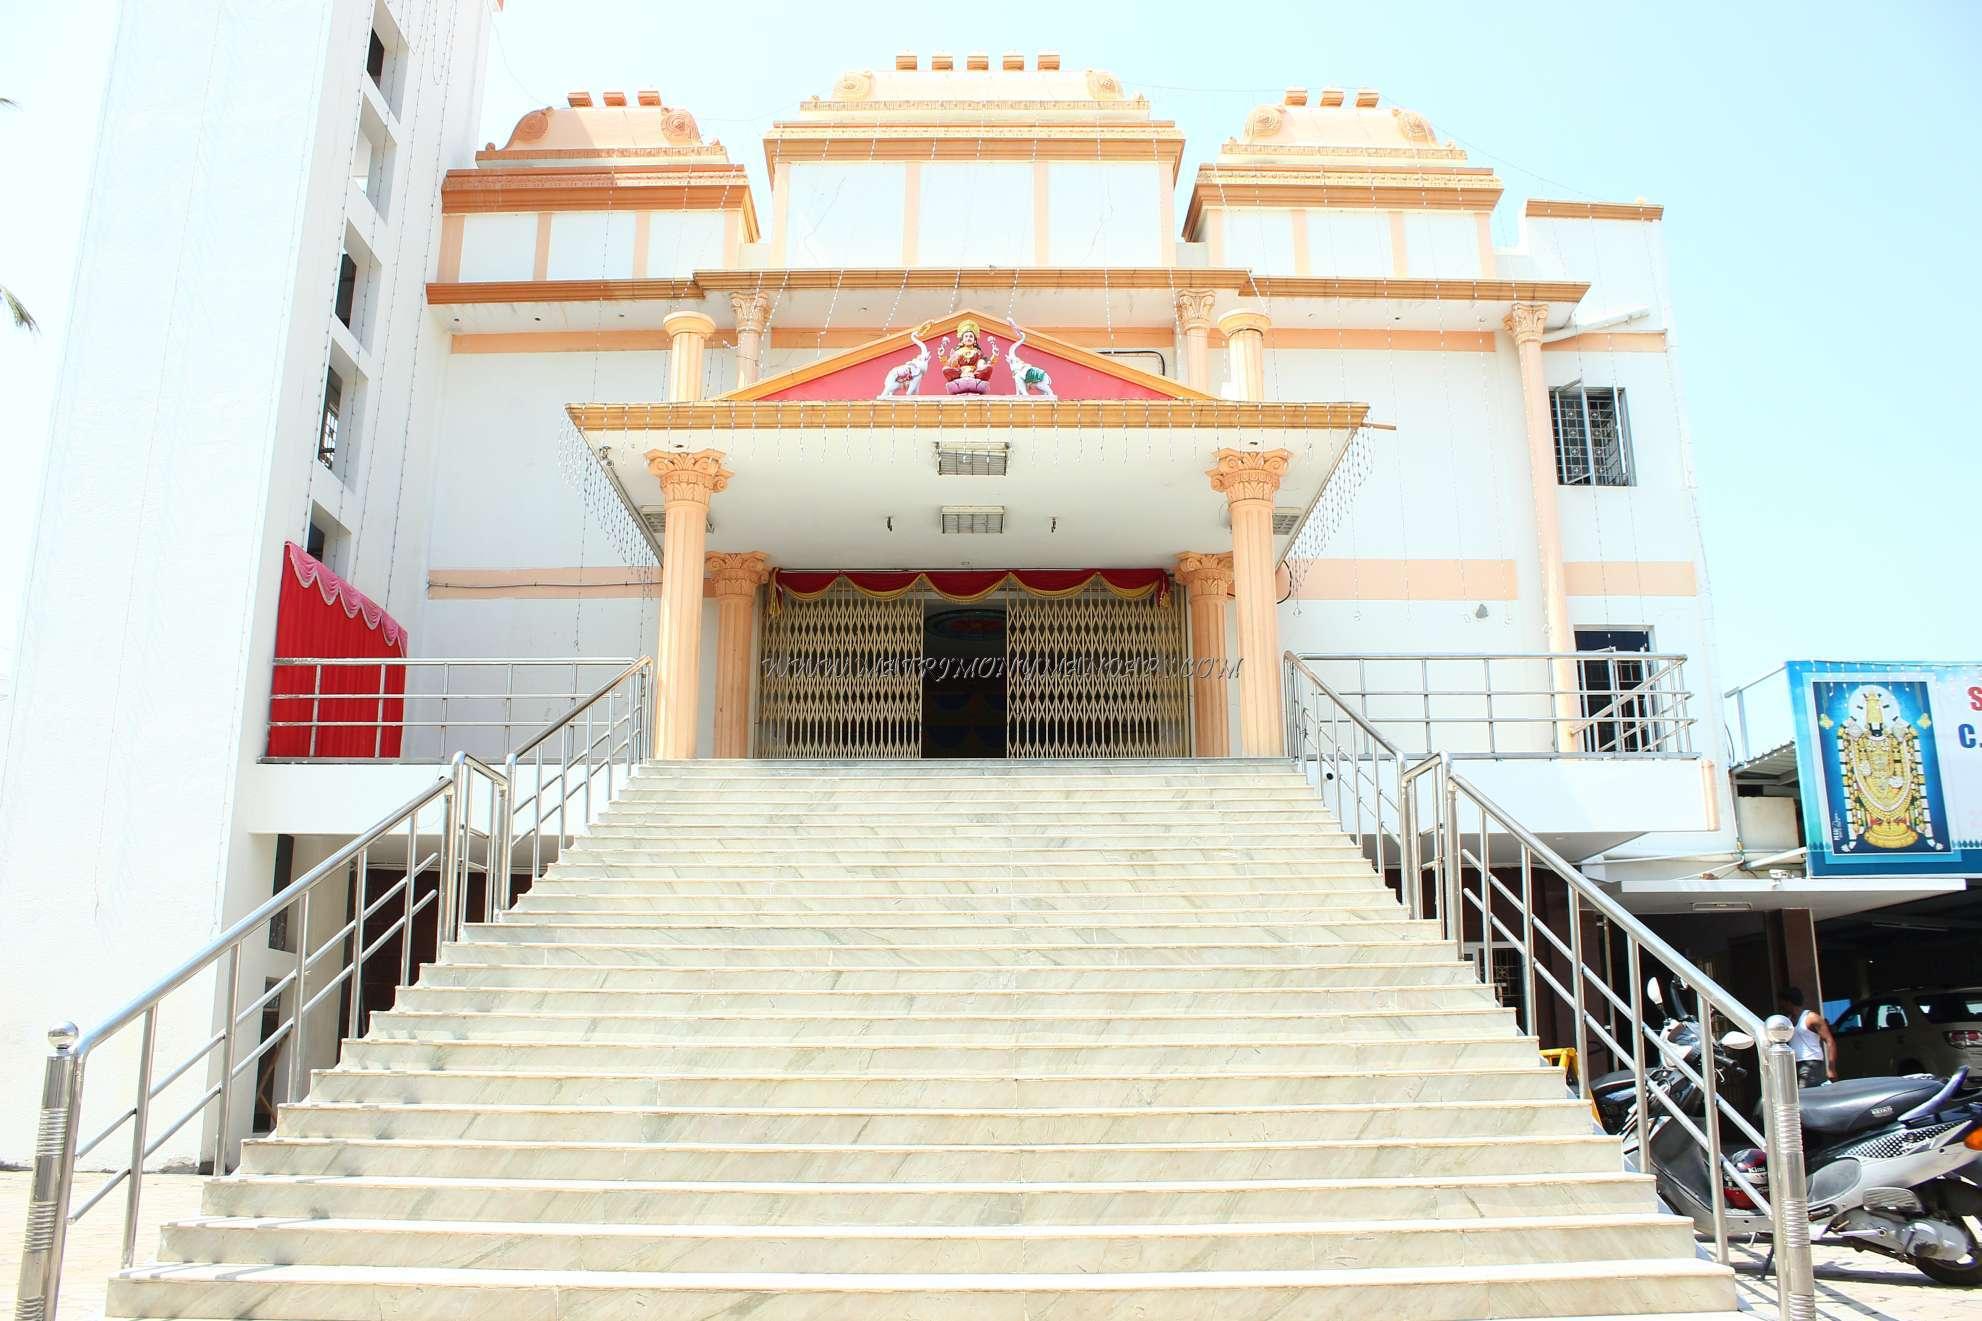 Find More Kalyana Mandapams in Pallikaranai